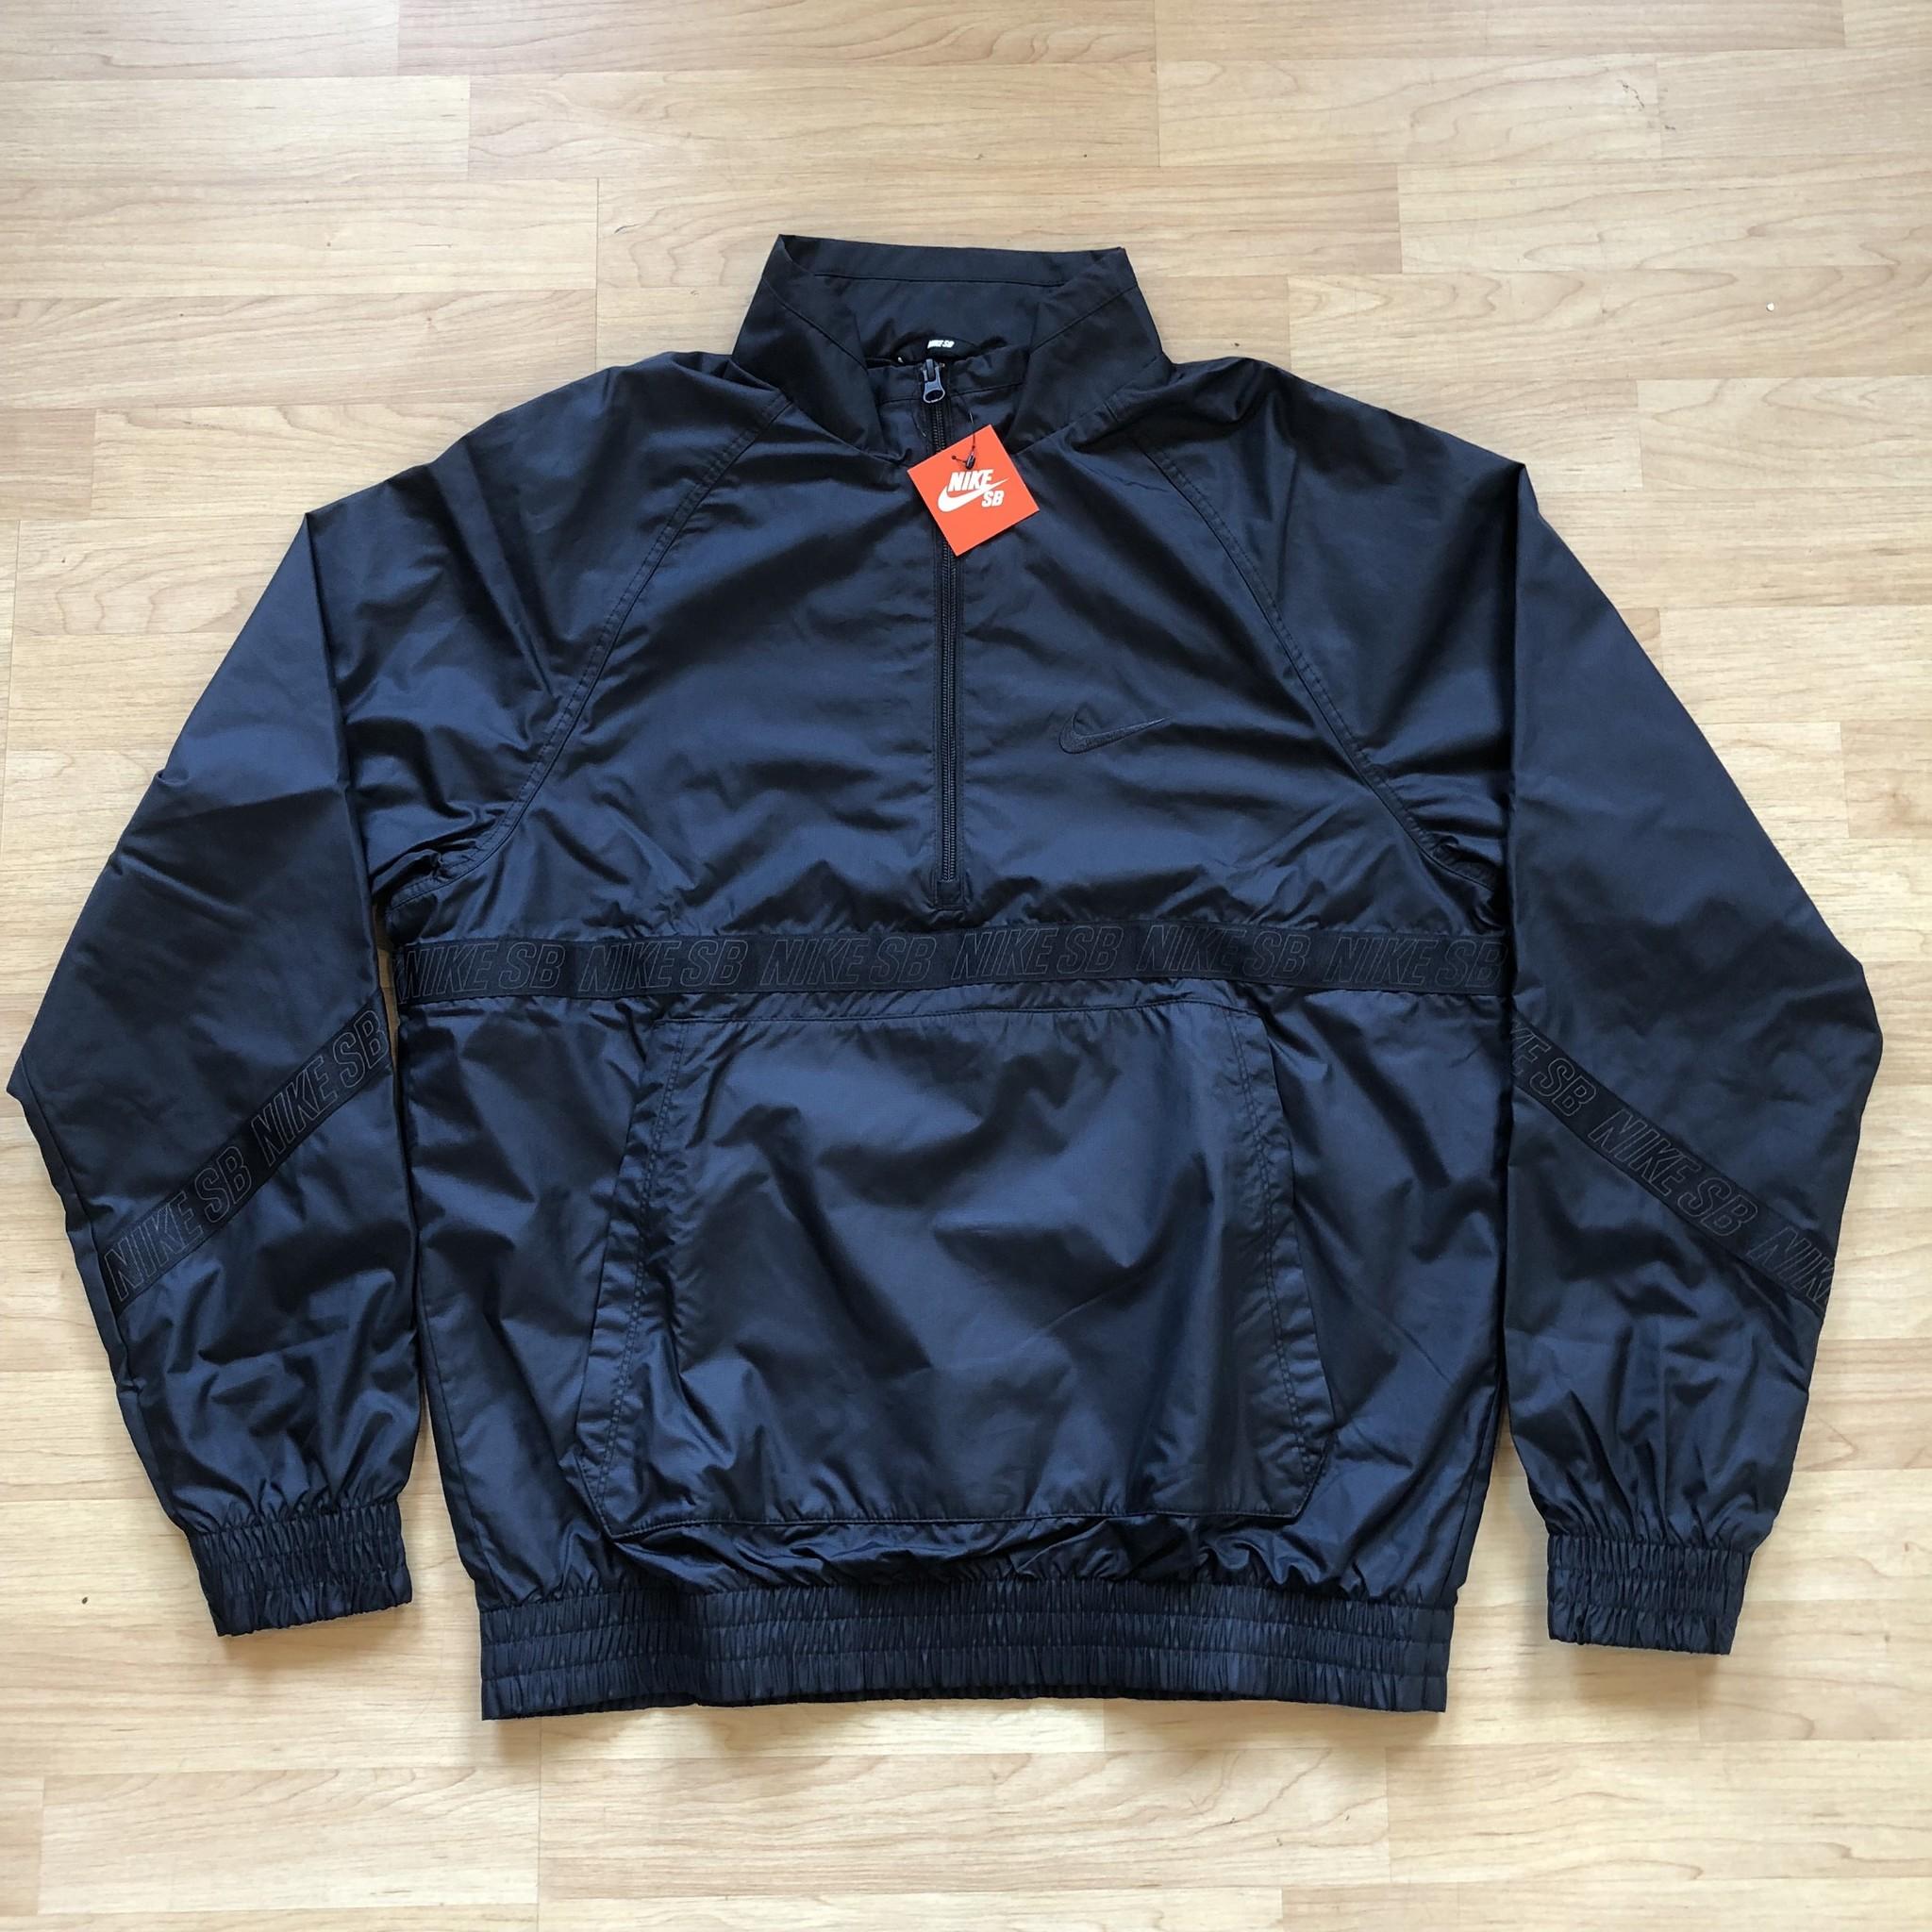 Nike USA, Inc. Nike SB Jacket ISO Black/Black